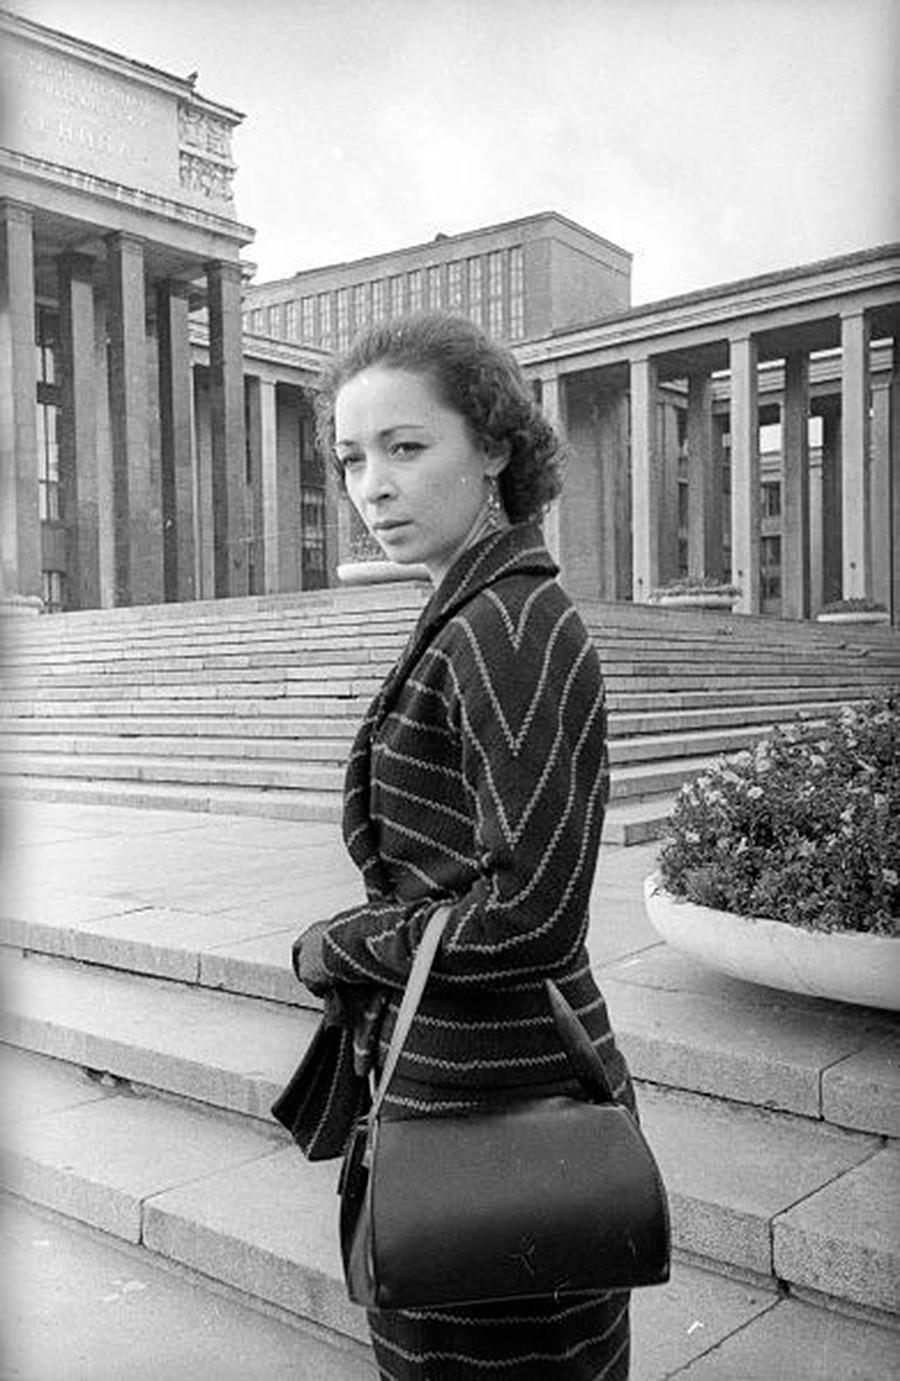 Ballerina Eleonora Wlasowa